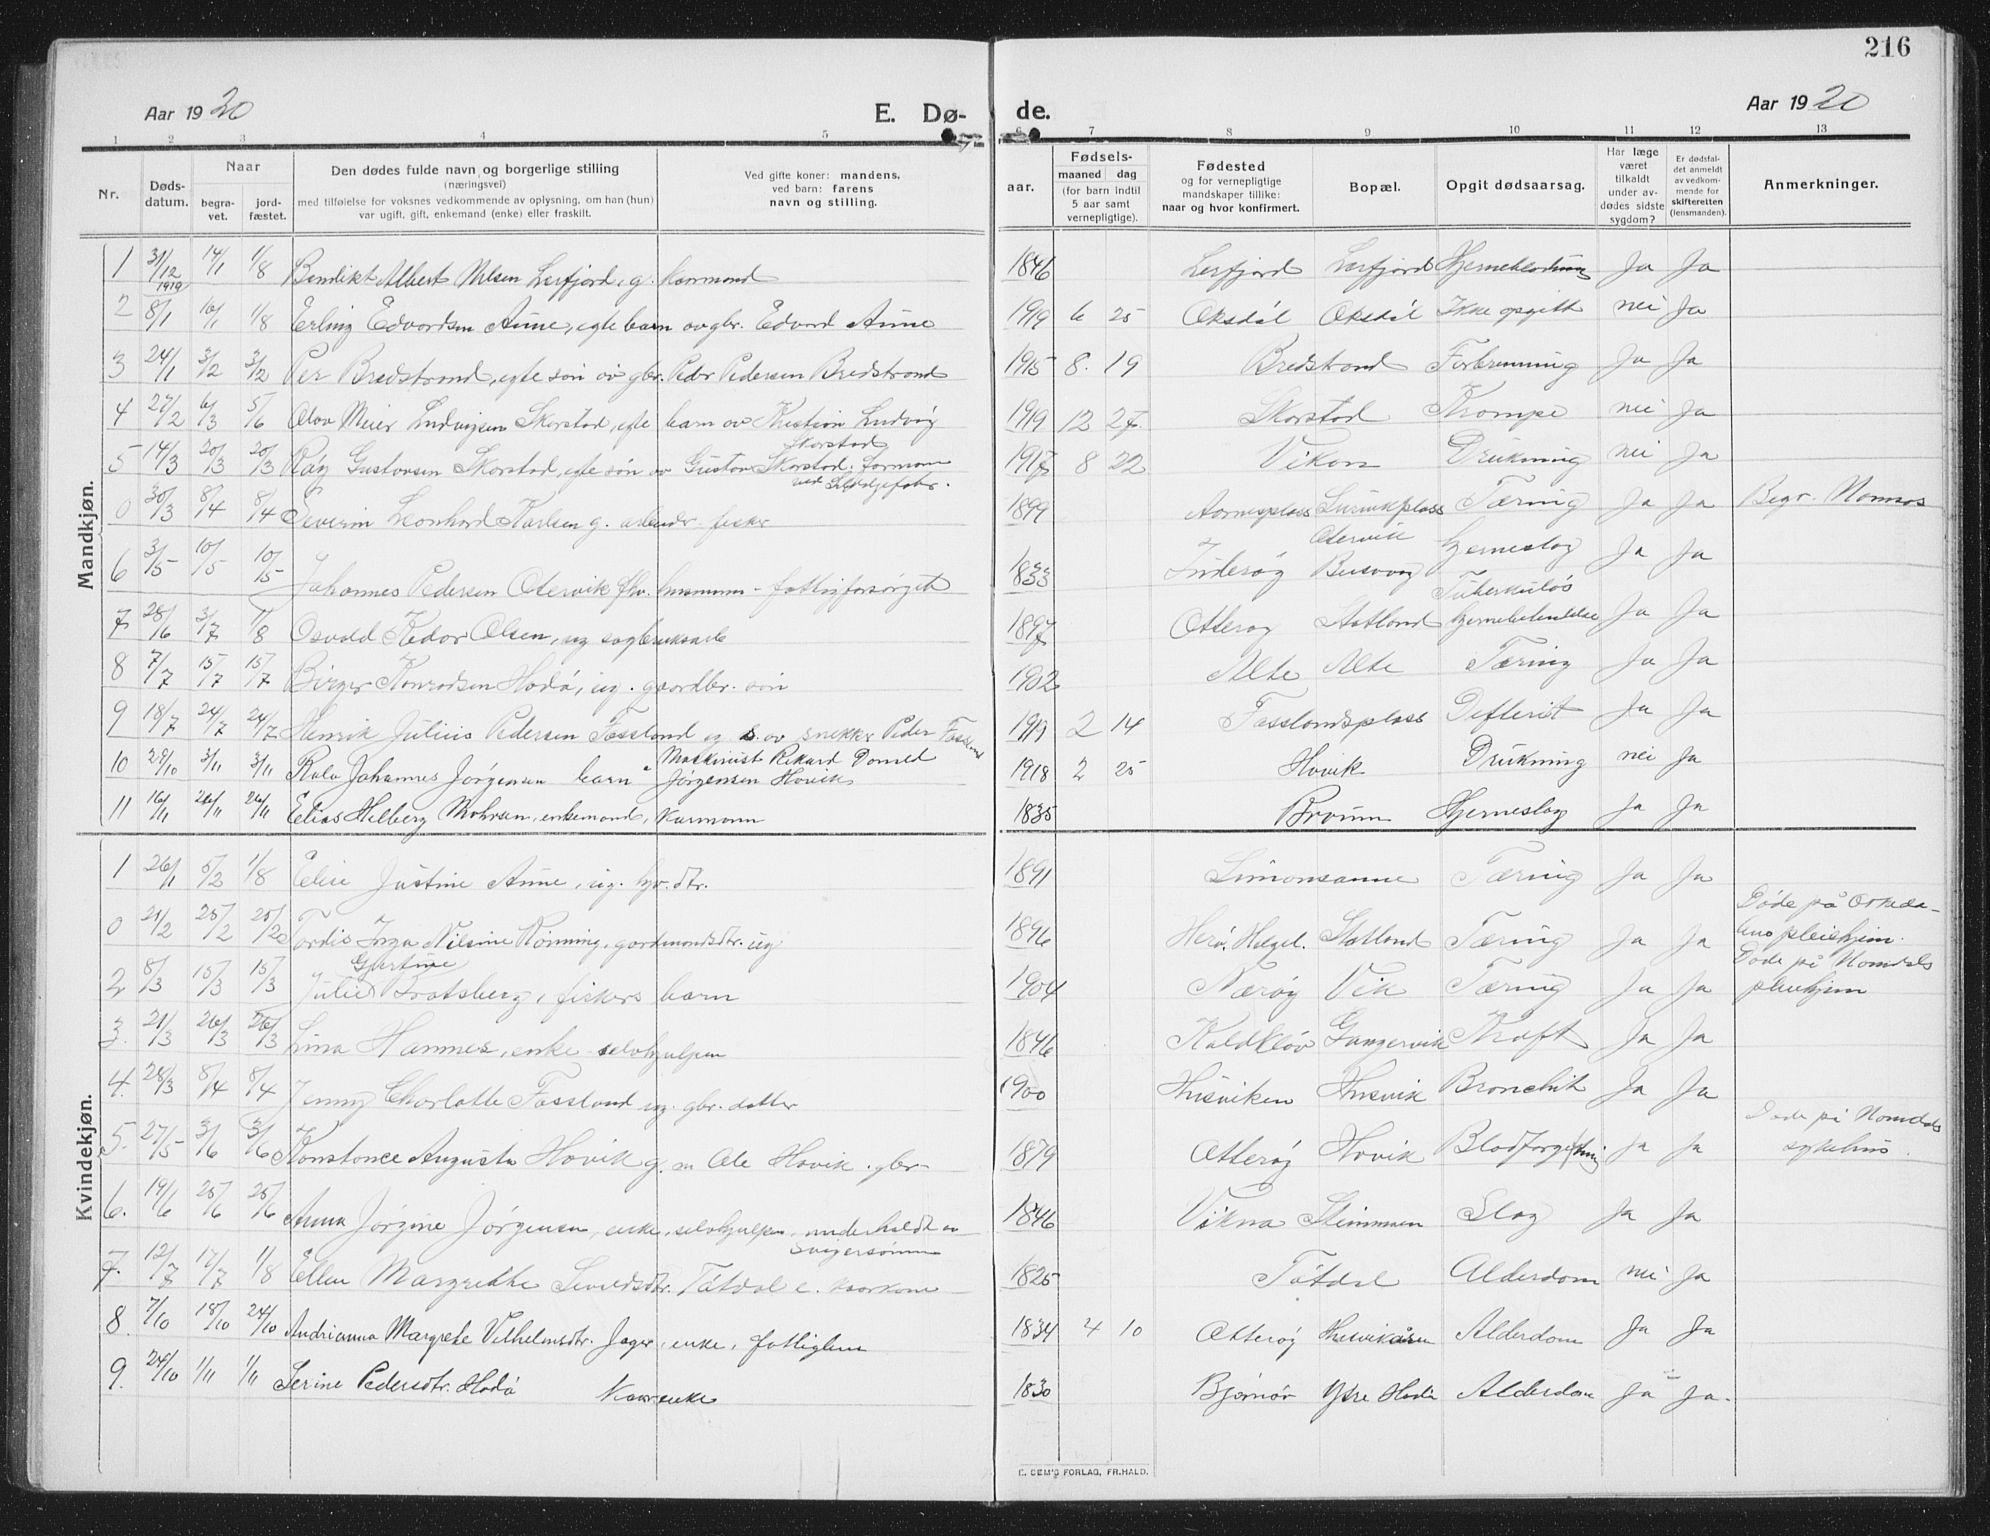 SAT, Ministerialprotokoller, klokkerbøker og fødselsregistre - Nord-Trøndelag, 774/L0630: Klokkerbok nr. 774C01, 1910-1934, s. 216